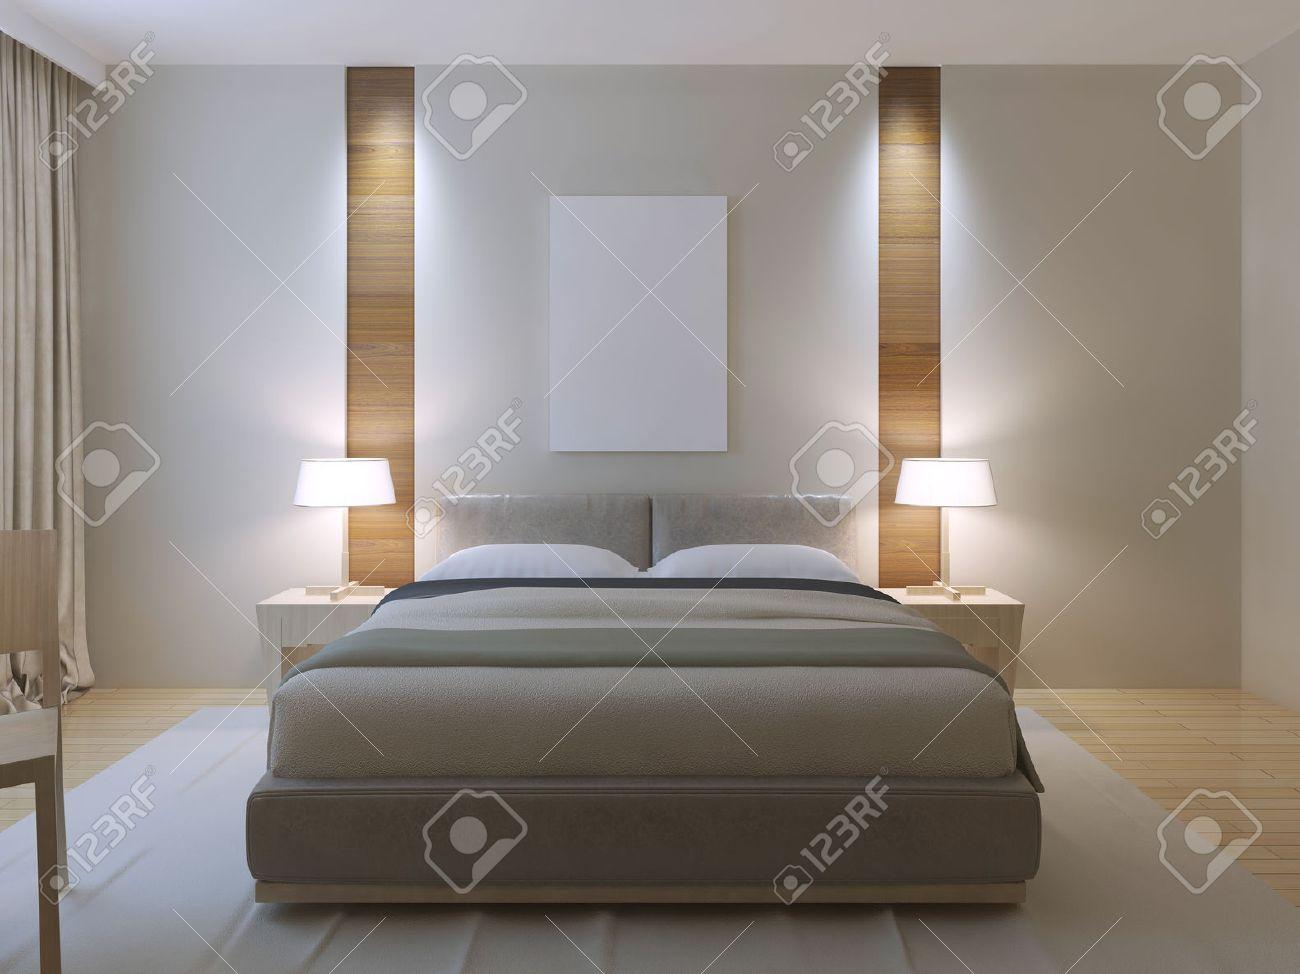 Moderne Schlafzimmer Design. Gekleidet Doppelbett Mit Lether Kopfteil,  Weiße Wände Mit Dekorativen Nische